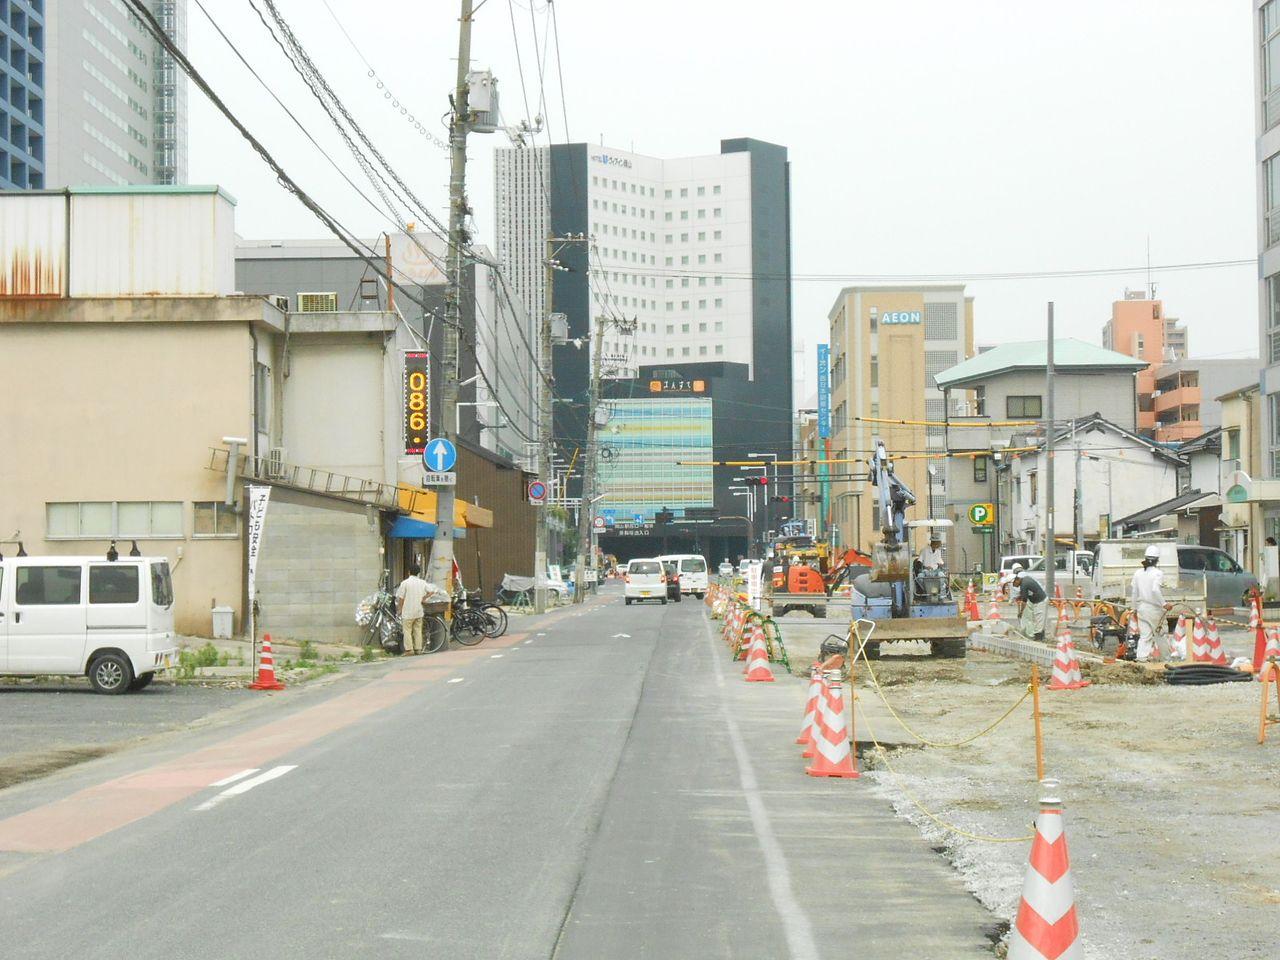 岡山市北区 画像左側が寿町 右側が昭和町